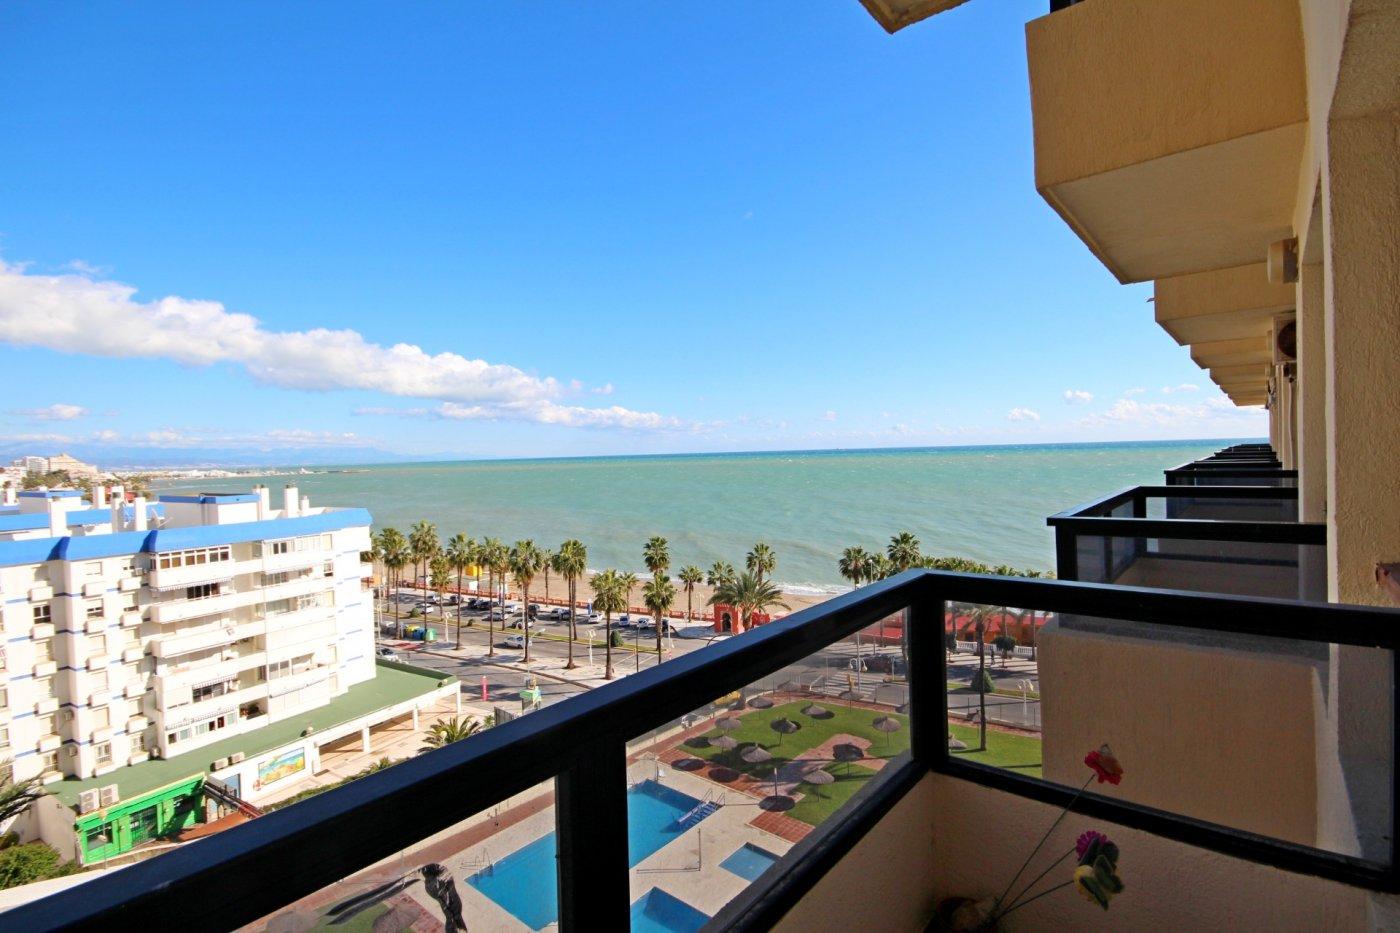 Duplex en primera linea de playa benalmadena costa - imagenInmueble5